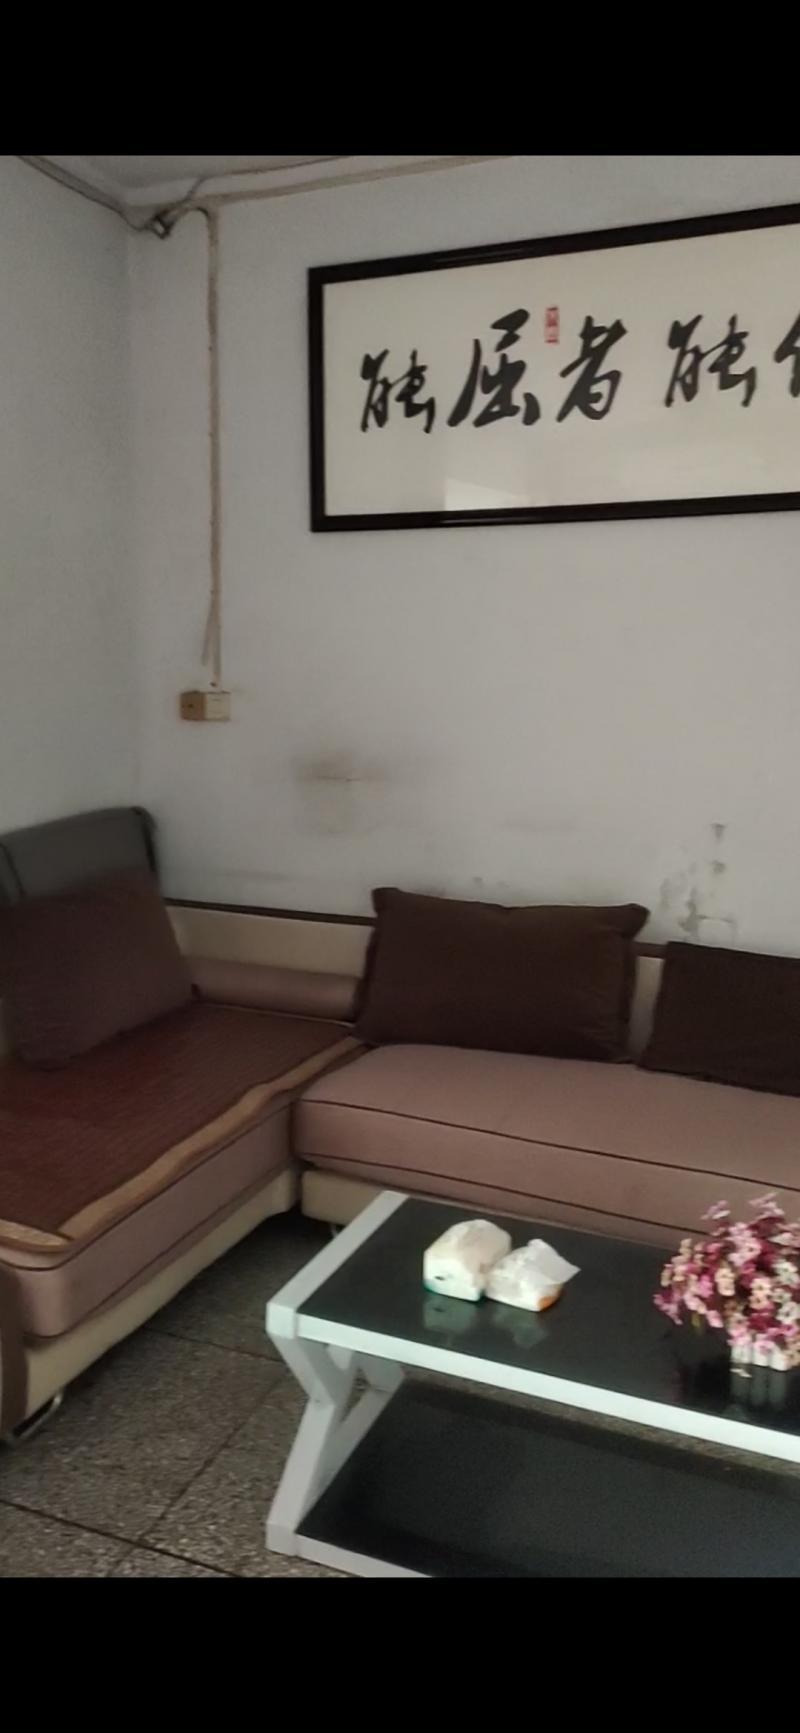 出售枇杷坪69平米简装2室1厅1卫住房,可改三室